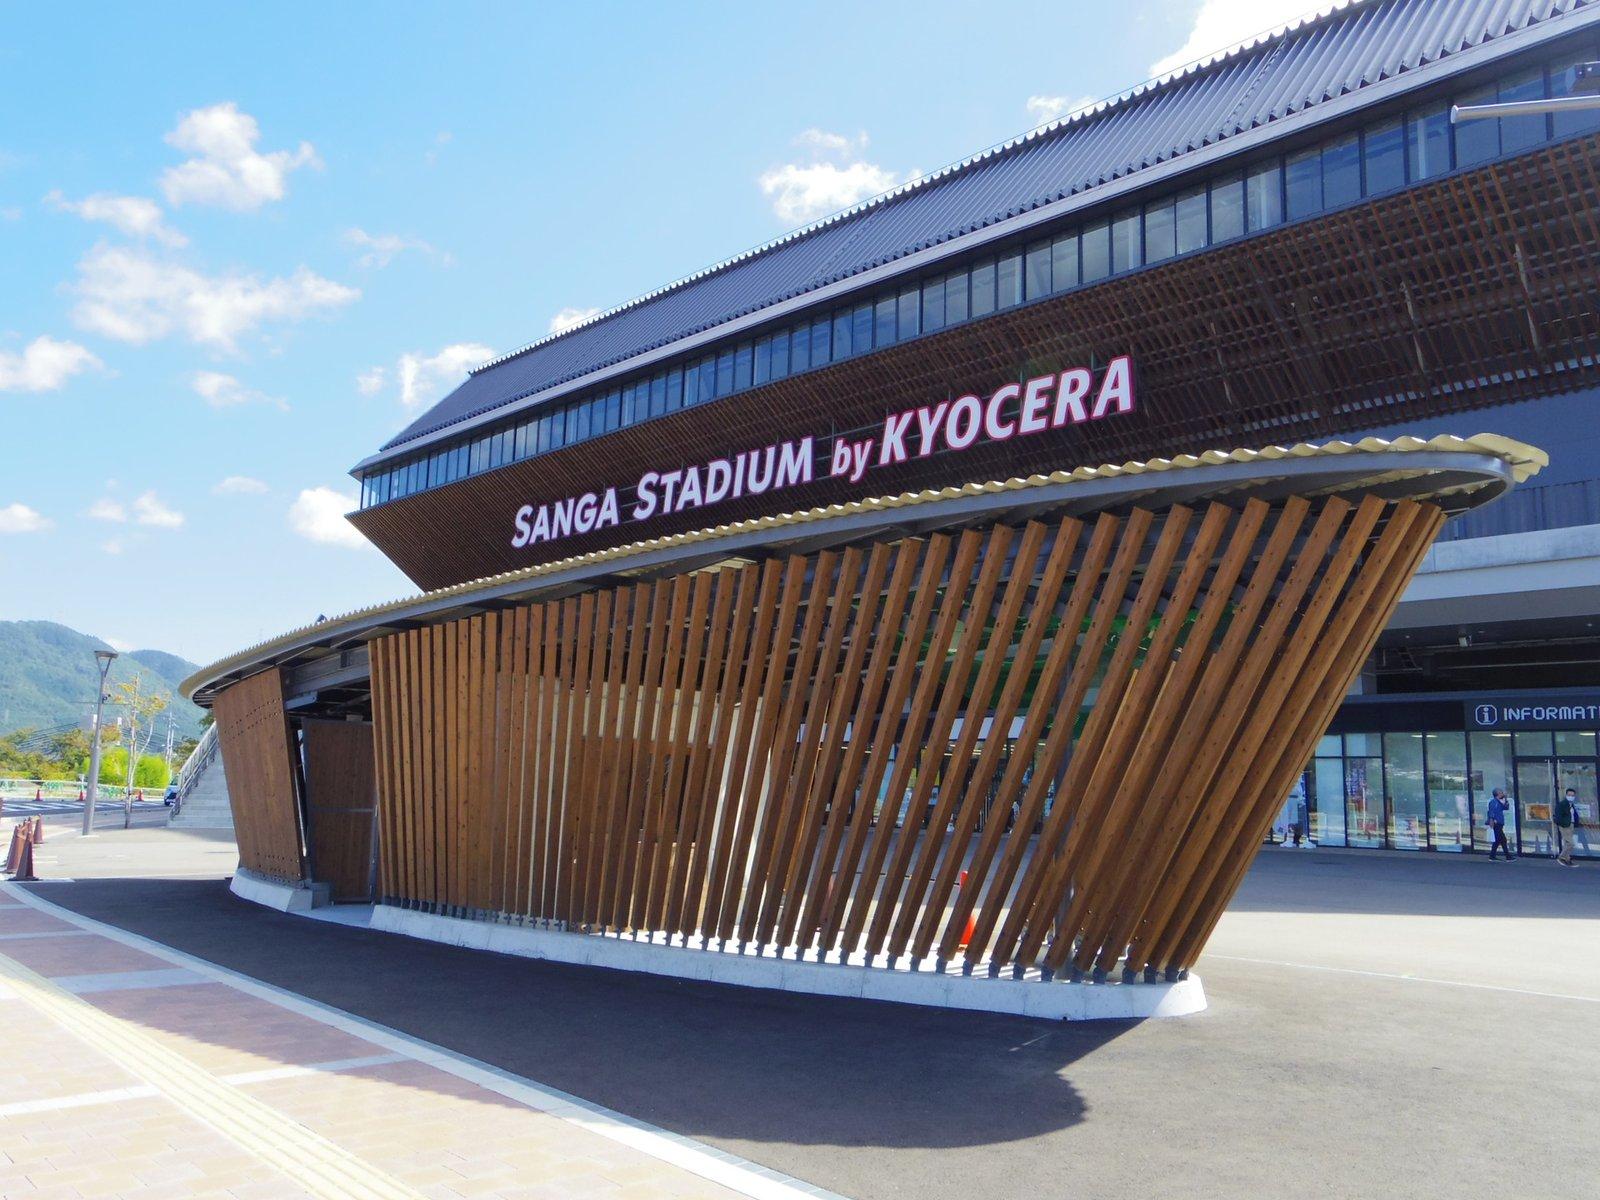 Sanga Stadium by Kyocera, Kameoka / Kyoto